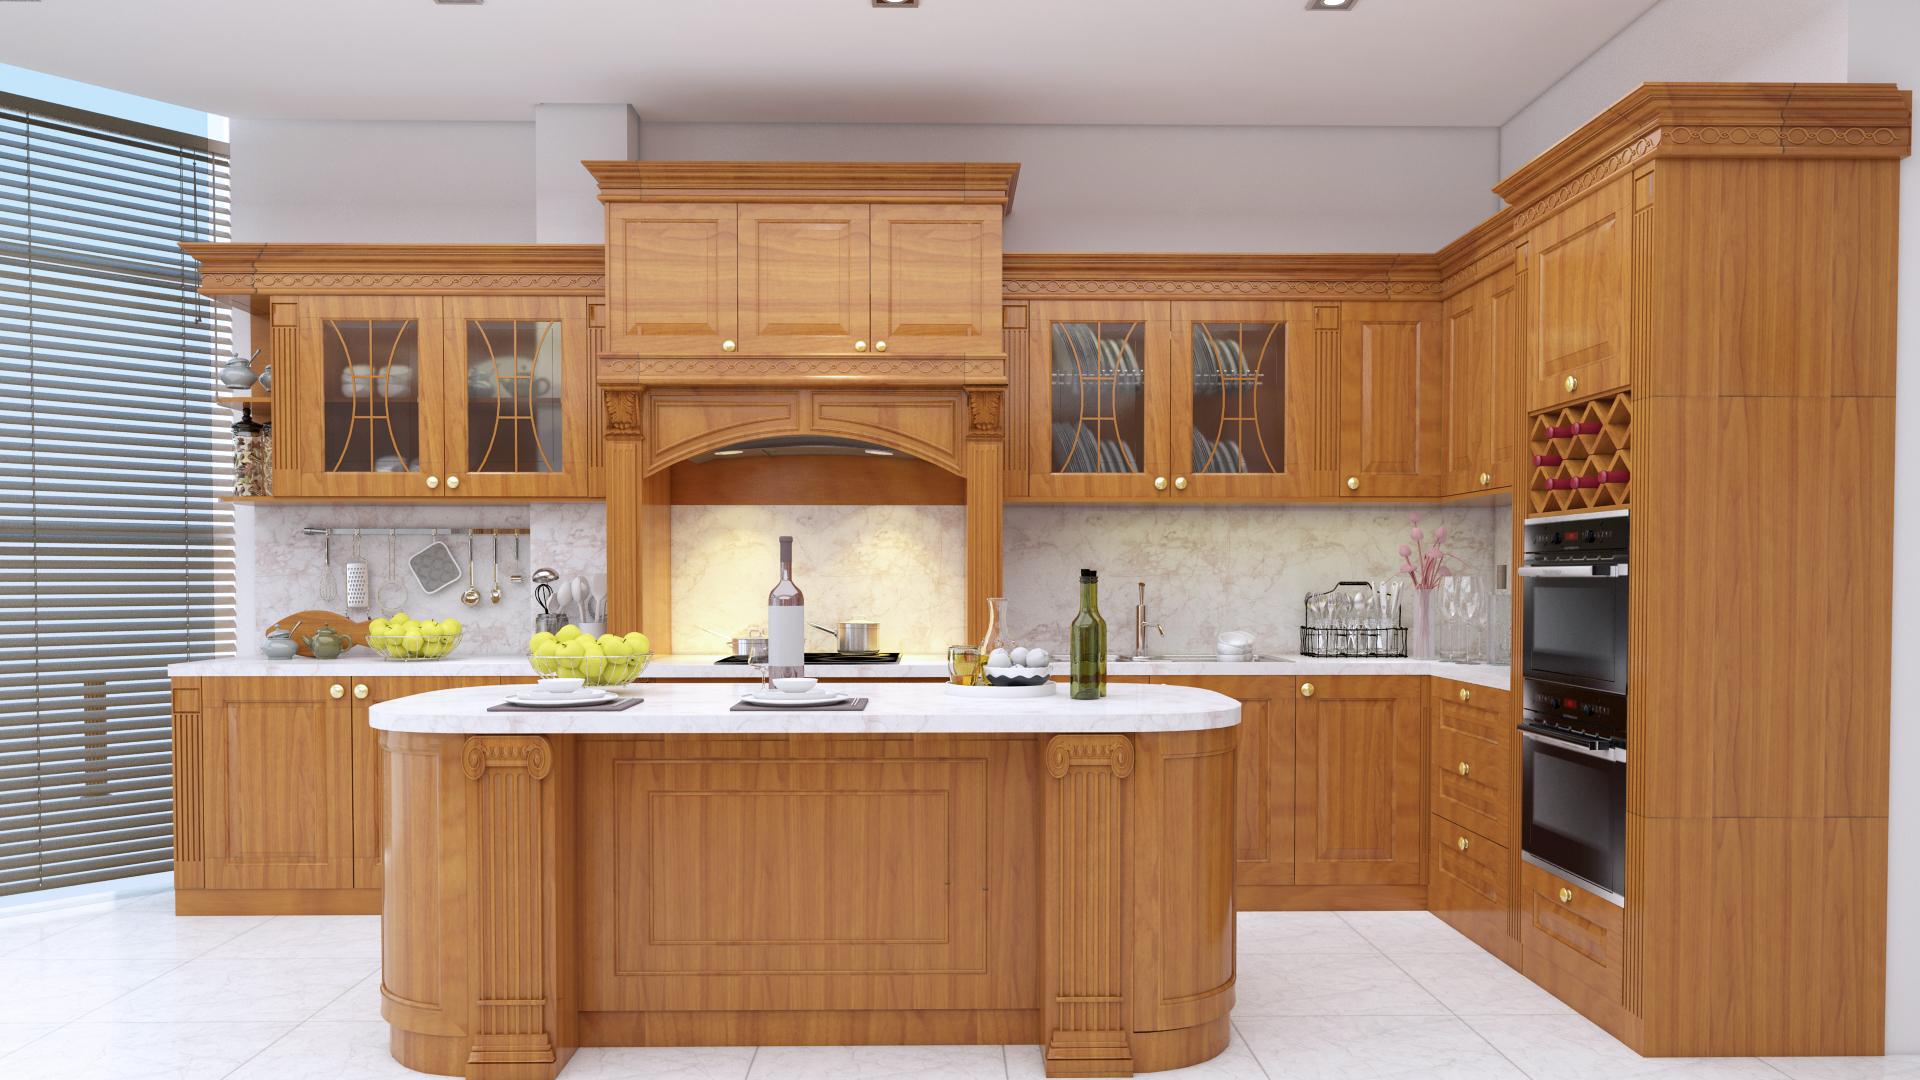 Sở hữu thiết kế hiện đại bàn đảo phá cách, tủ bếp mang lại vẻ đẹp sang trọng, tiện nghi cho căn bếp.